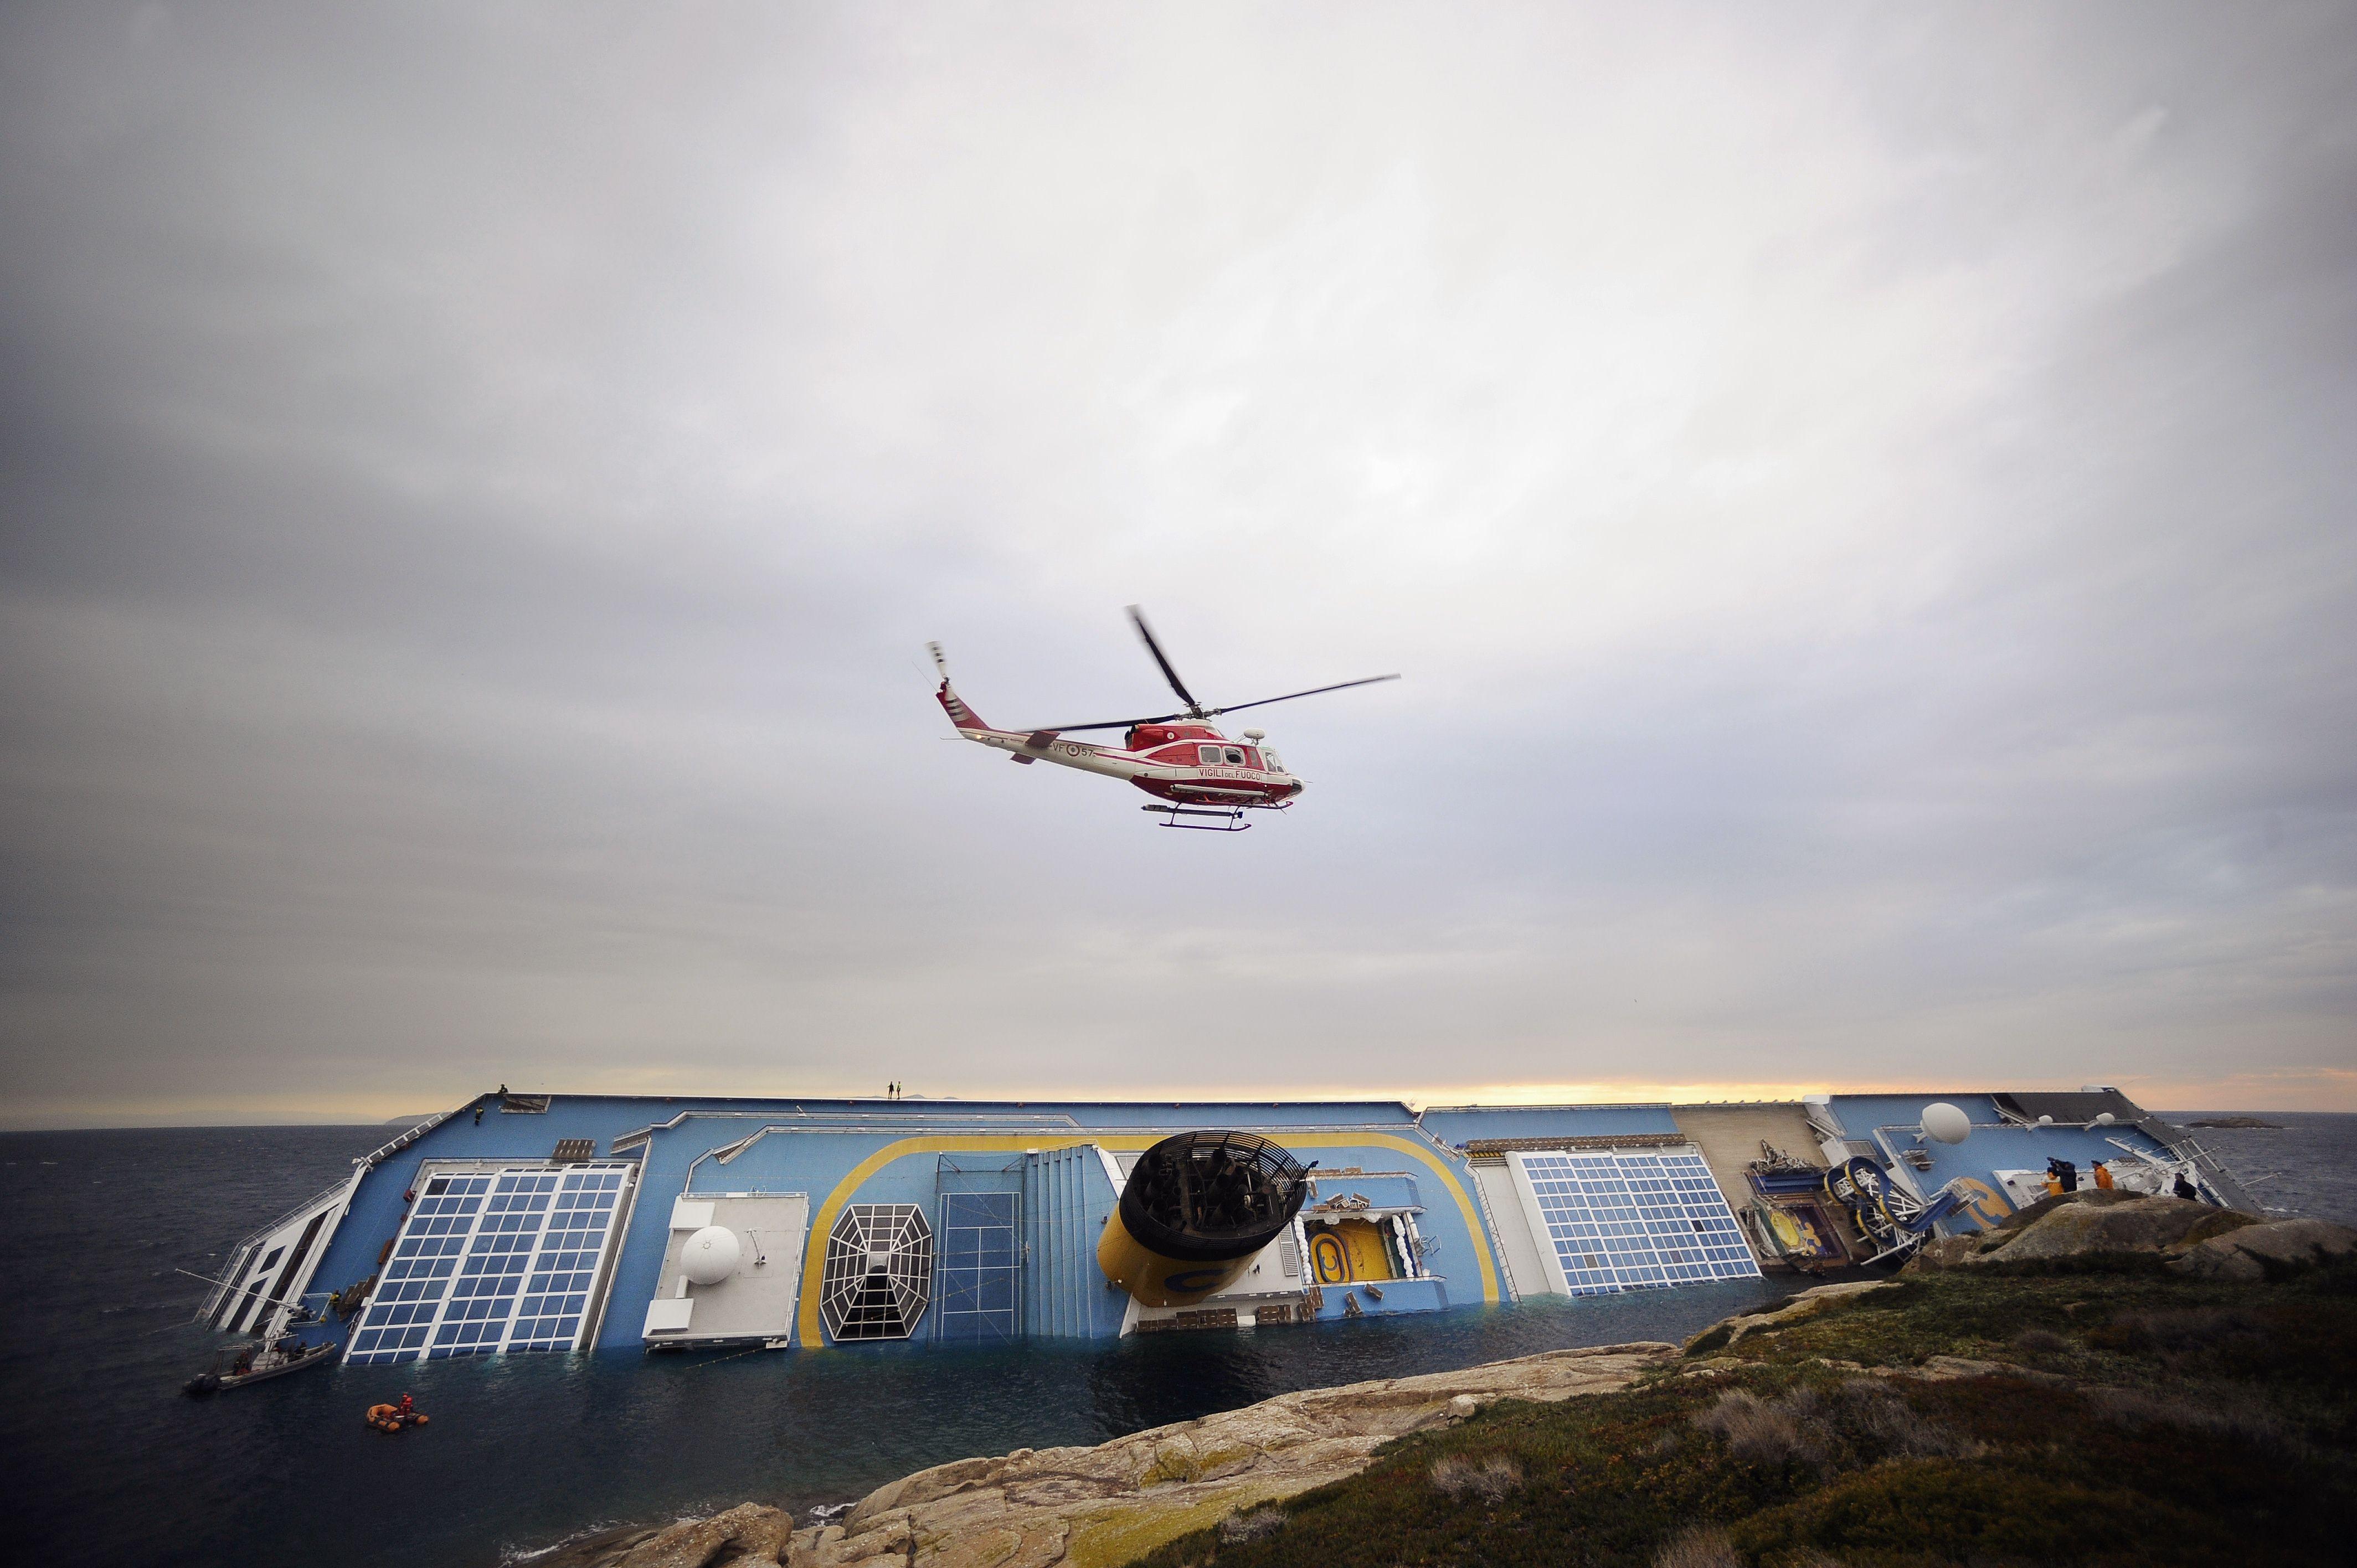 Naufrage du Concordia : un désastre écologique redouté